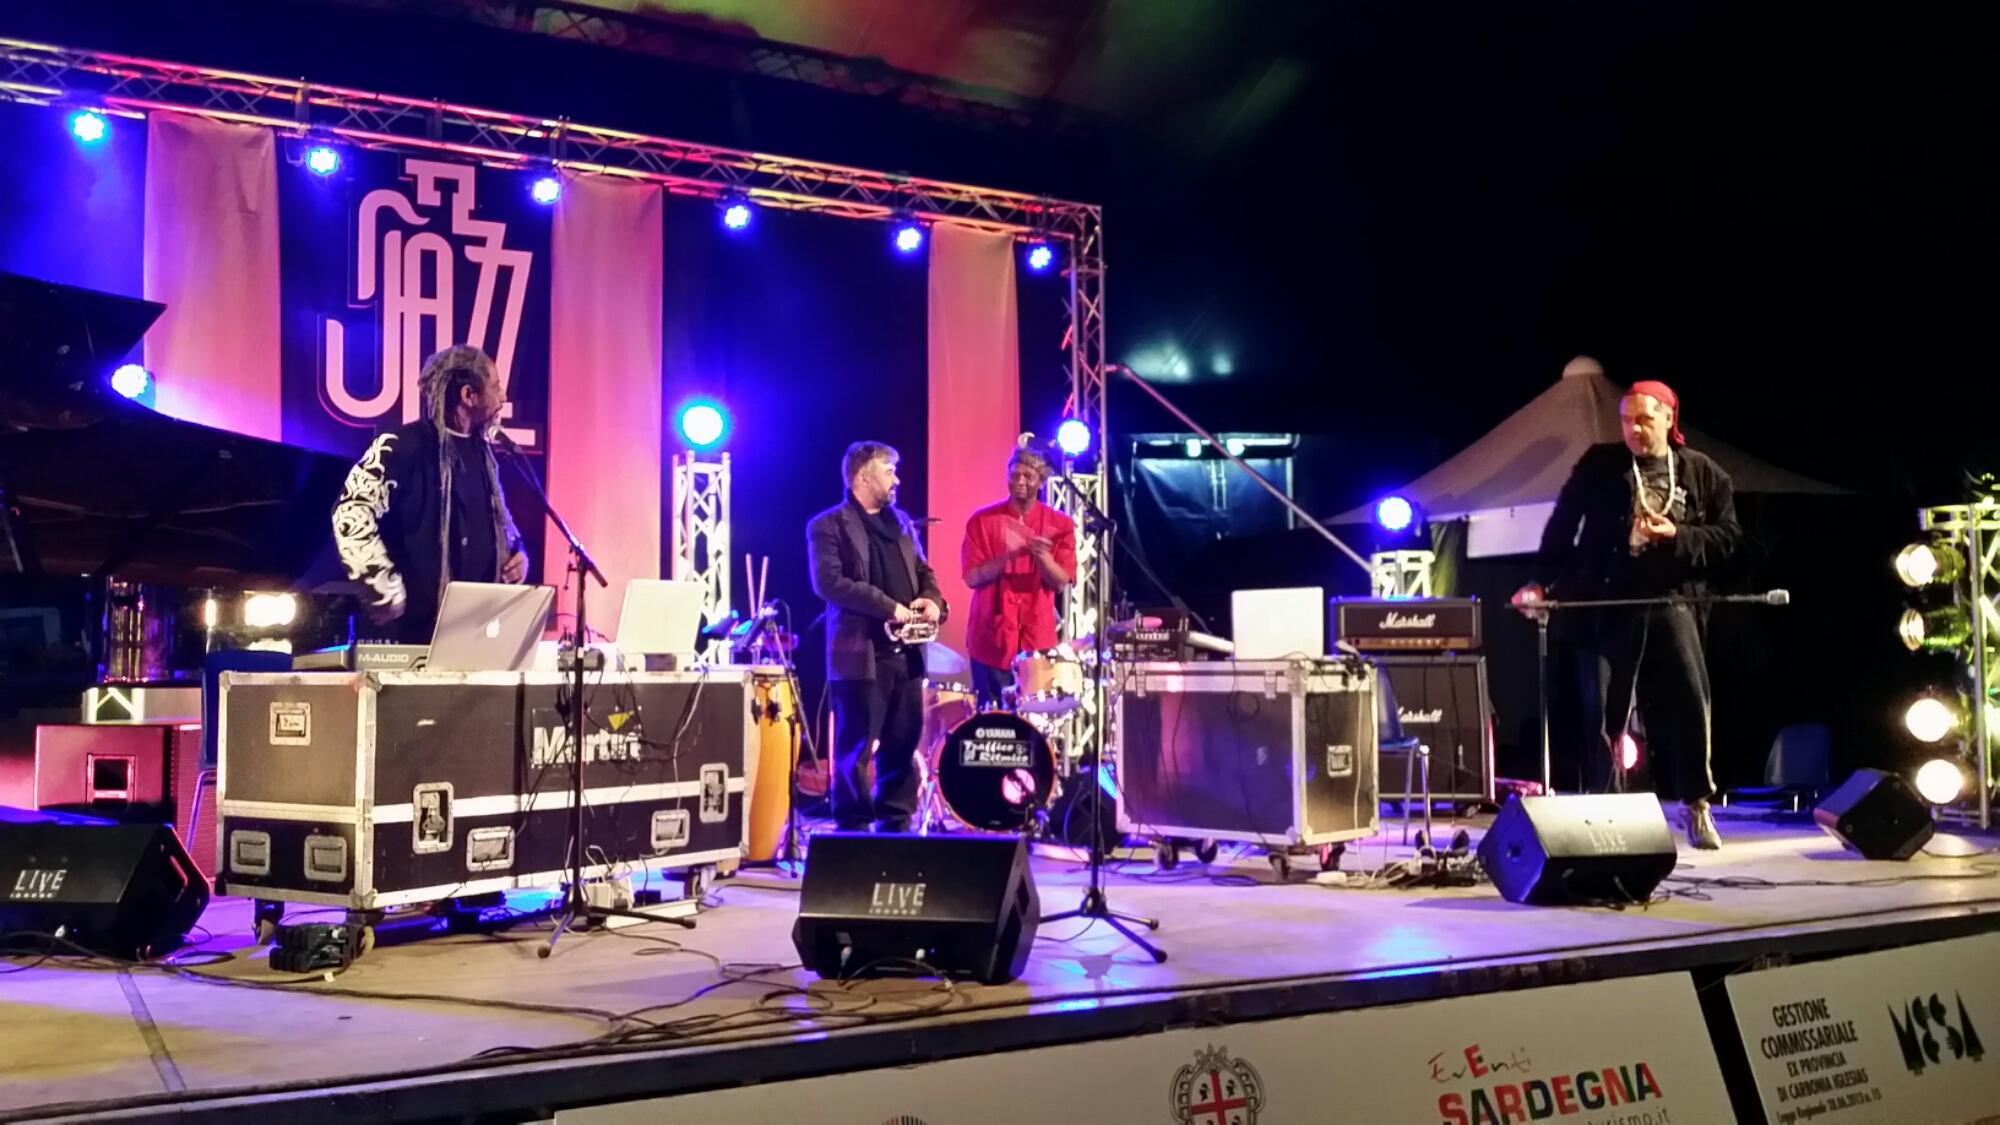 L'associazione Punta Giara festeggia l'ultima notte dell'anno con 4 concerti gratuiti.